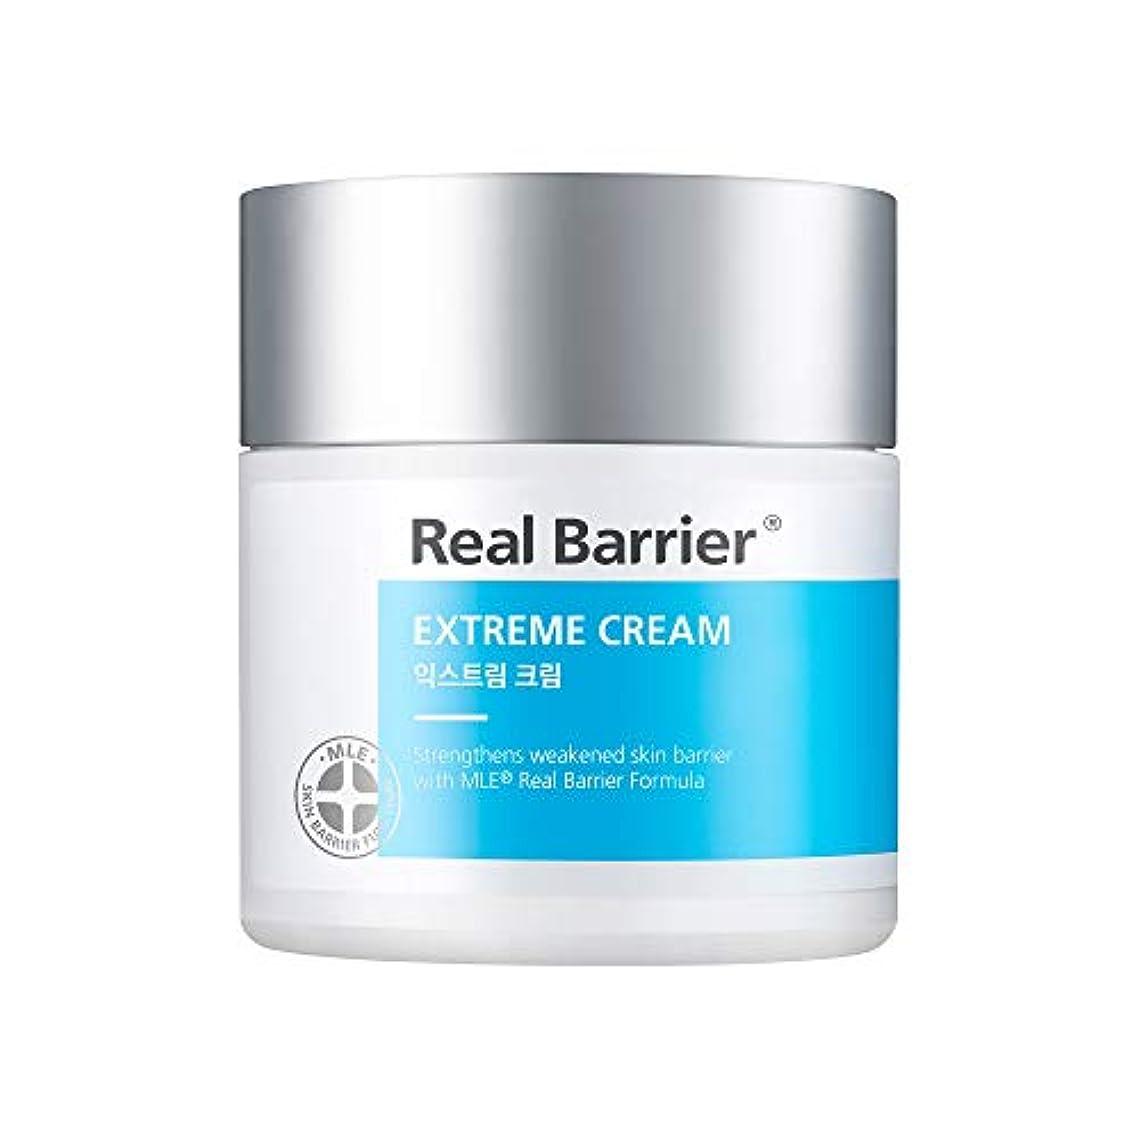 船形ステープル第五アトパーム(atopalm) リアルベリアエクストリームクリーム/Atopam Real Barrier Extreme Cream